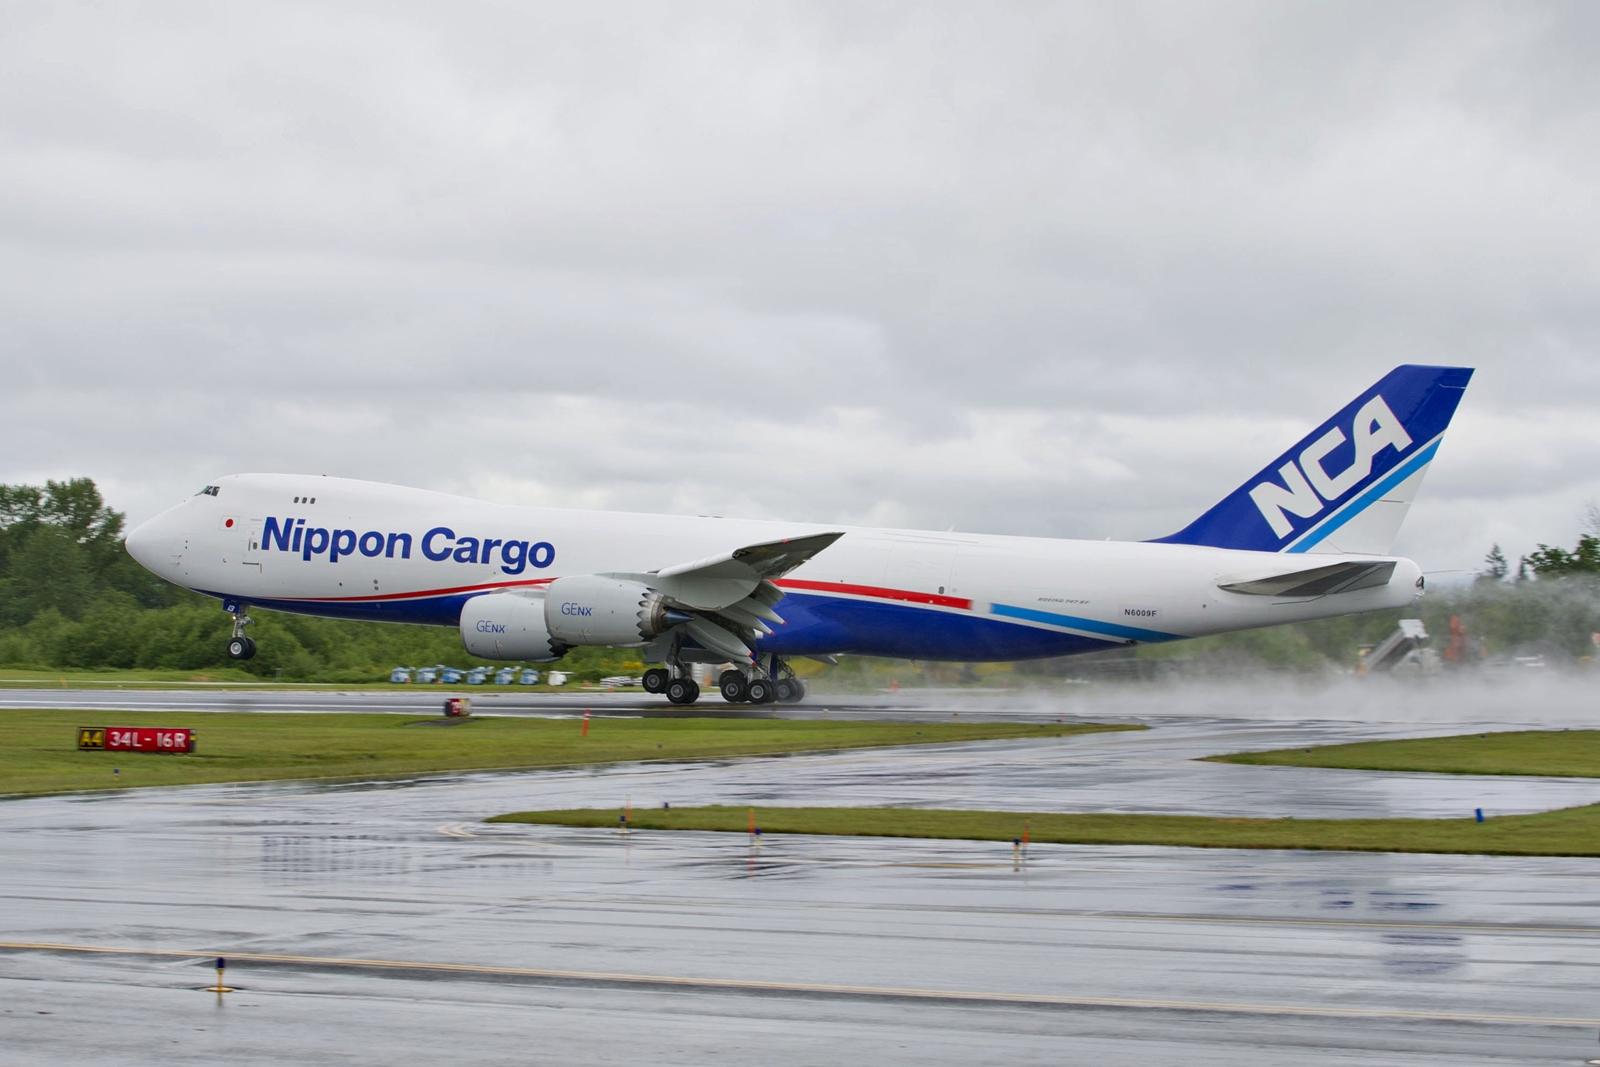 A Nippon Cargo Airlines első Boeing 747-8F gépe az átadás napján, 2012-ben. (Fotó: Boeing Company)   © AIRportal.hu